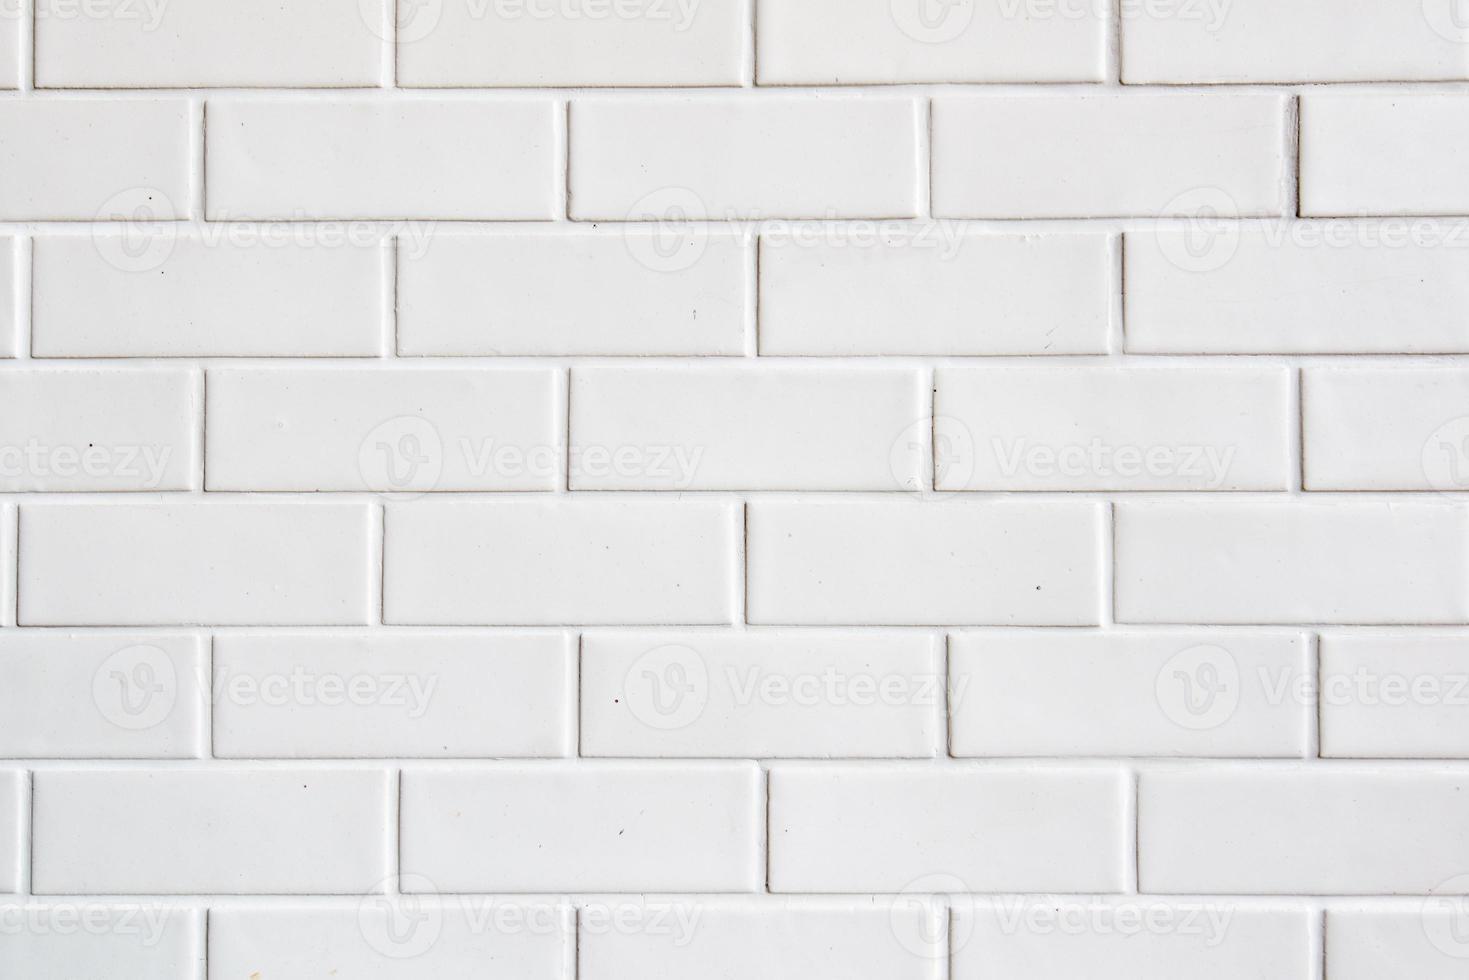 mur de briques blanches à haute résolution. photo